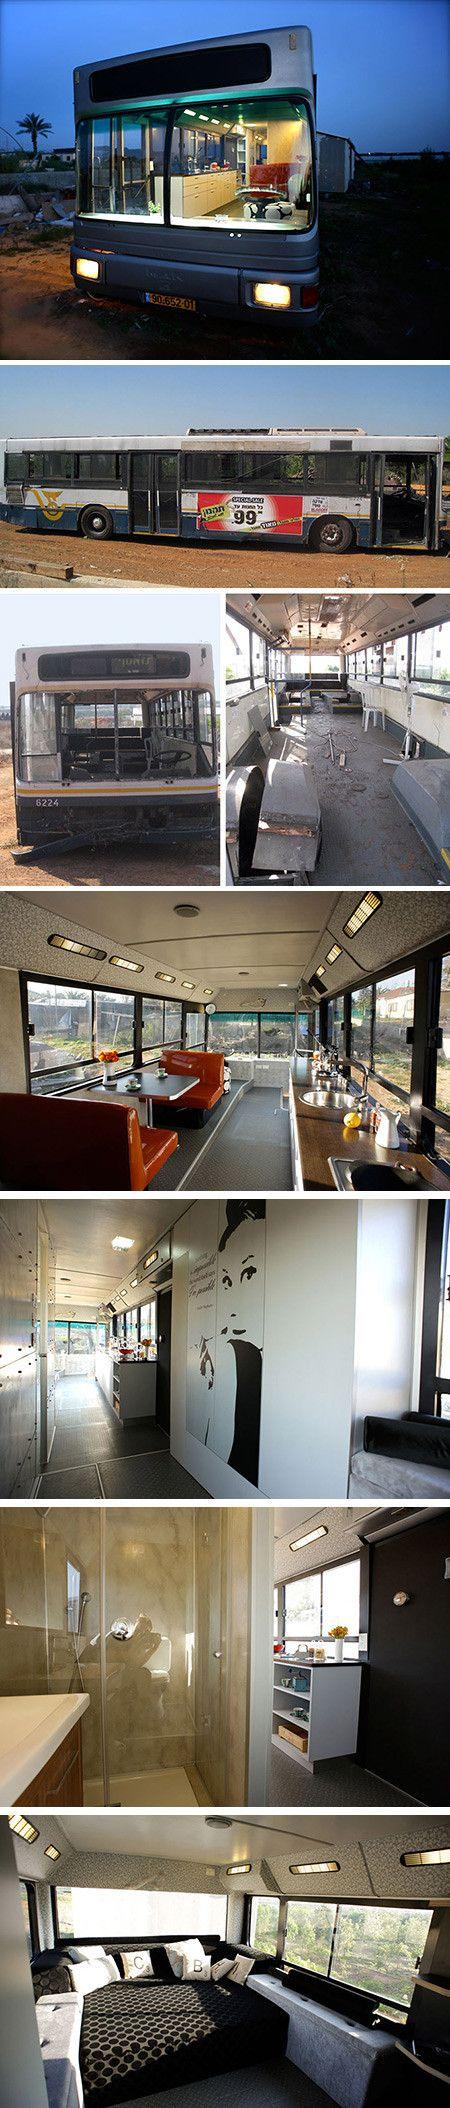 Aus bus